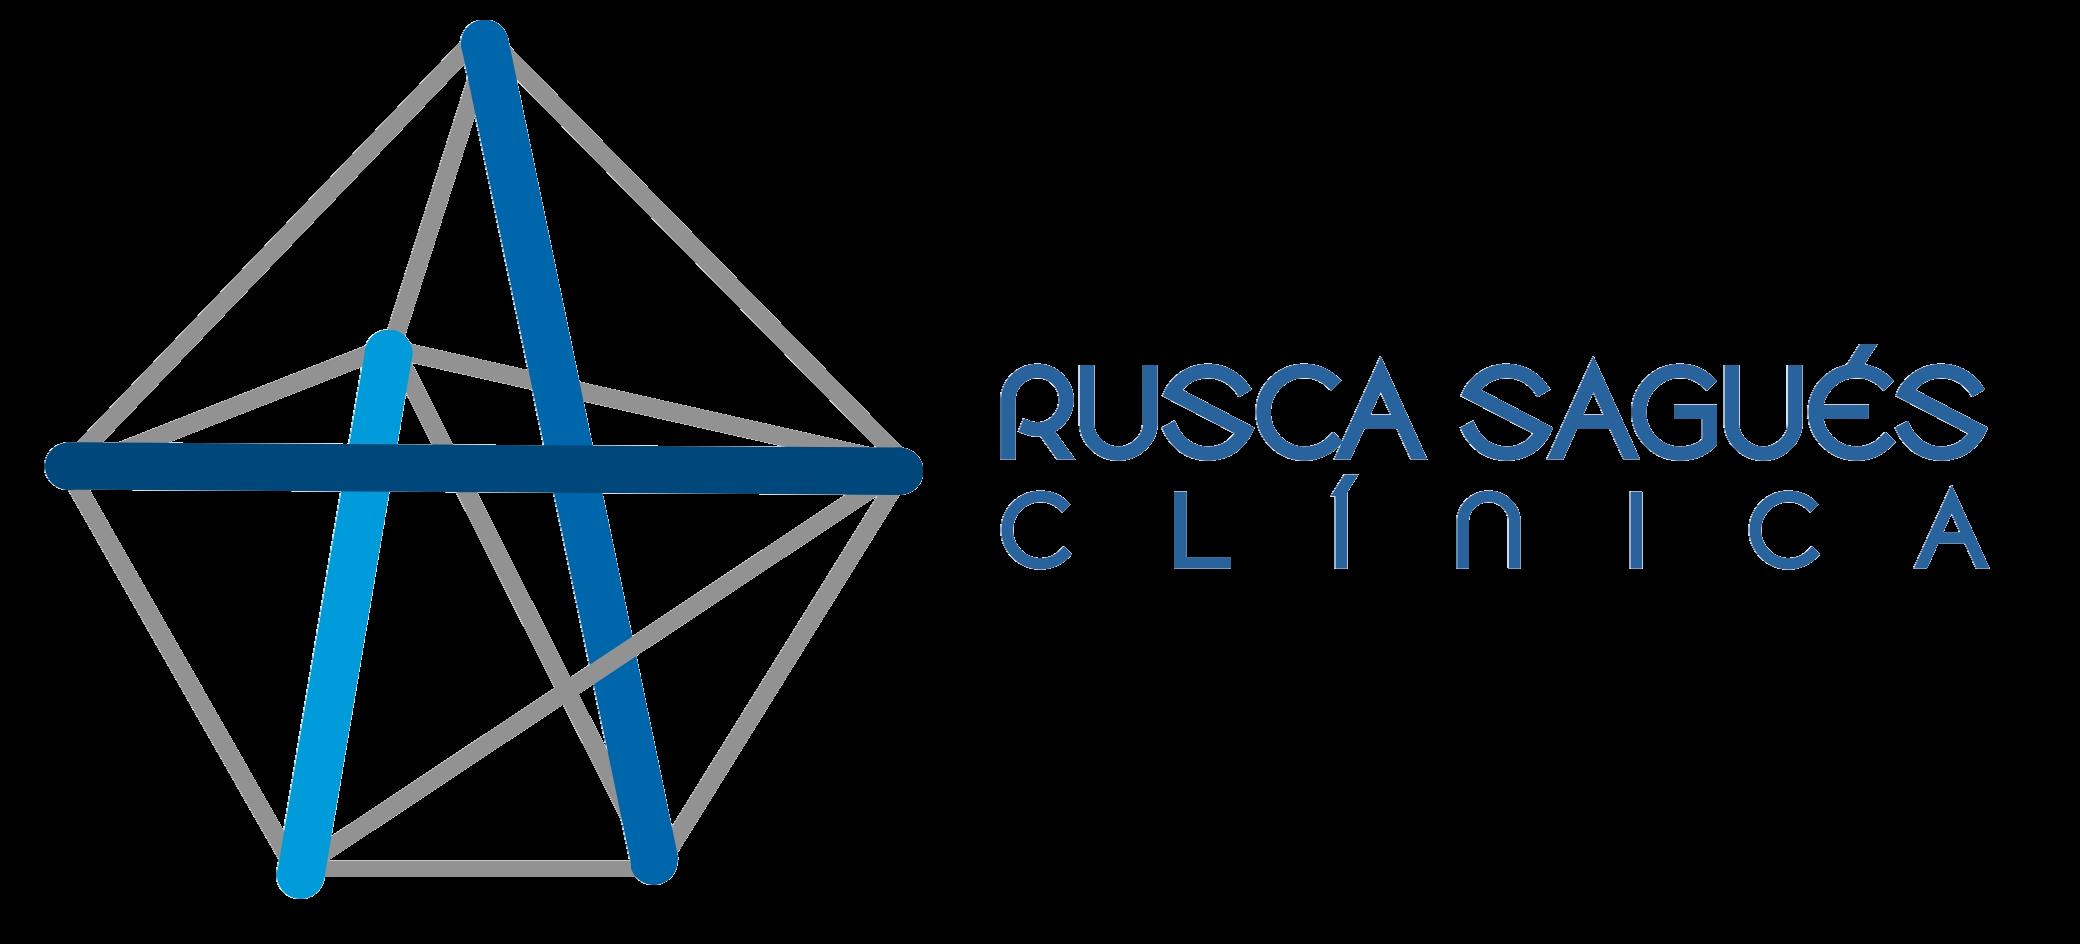 Clínica Rusca Sagués